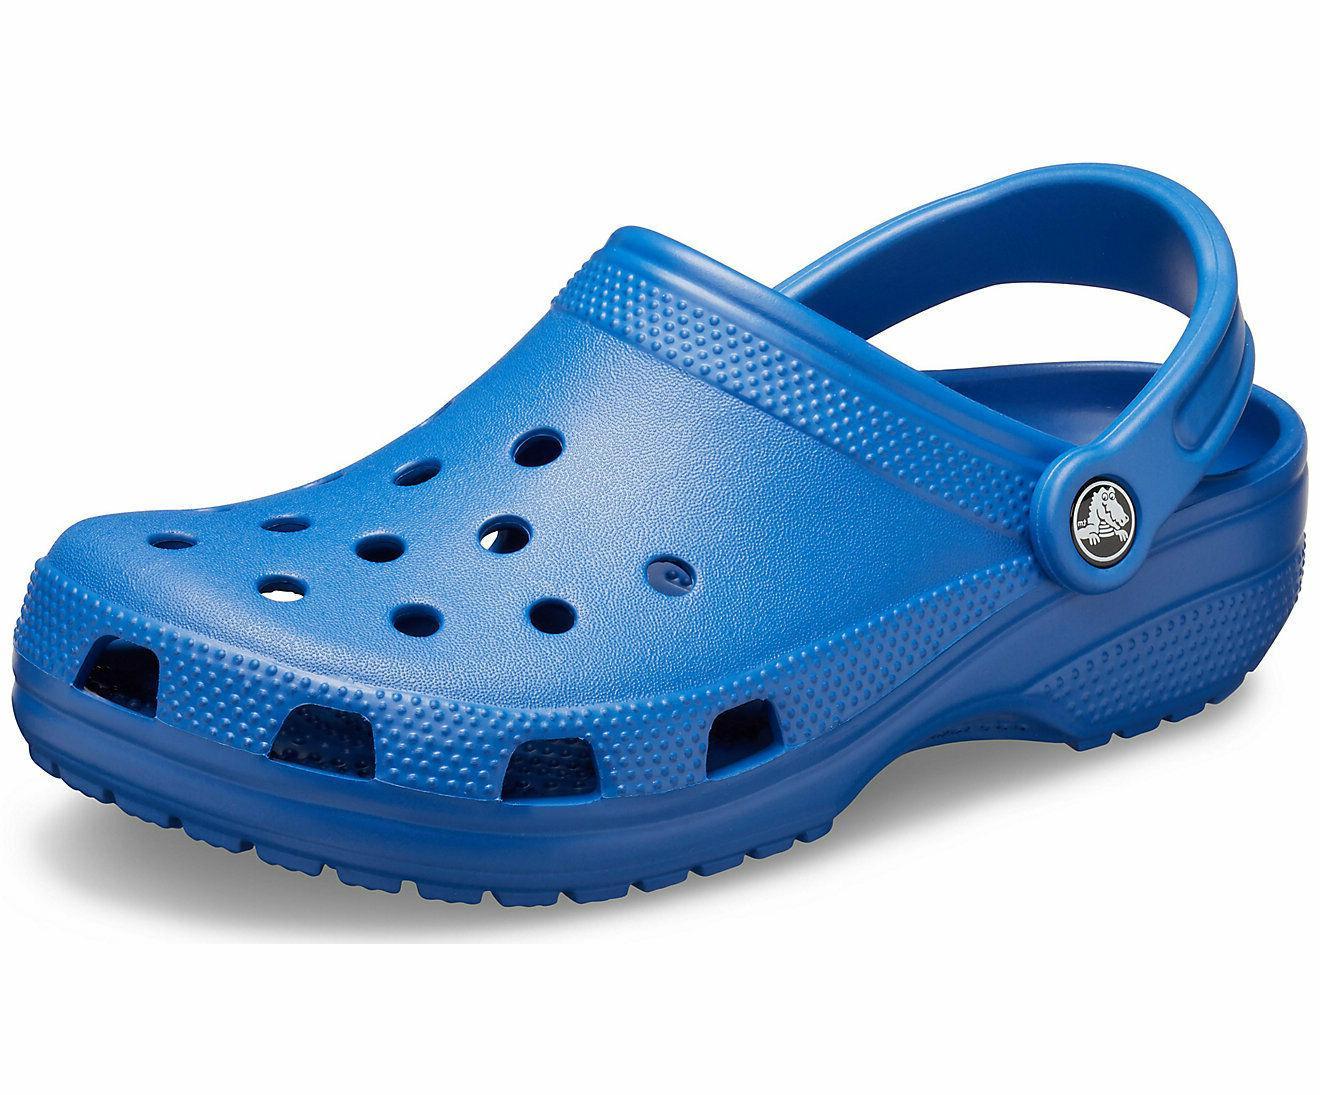 Crocs Men's Women's Classic Clog Water Proof